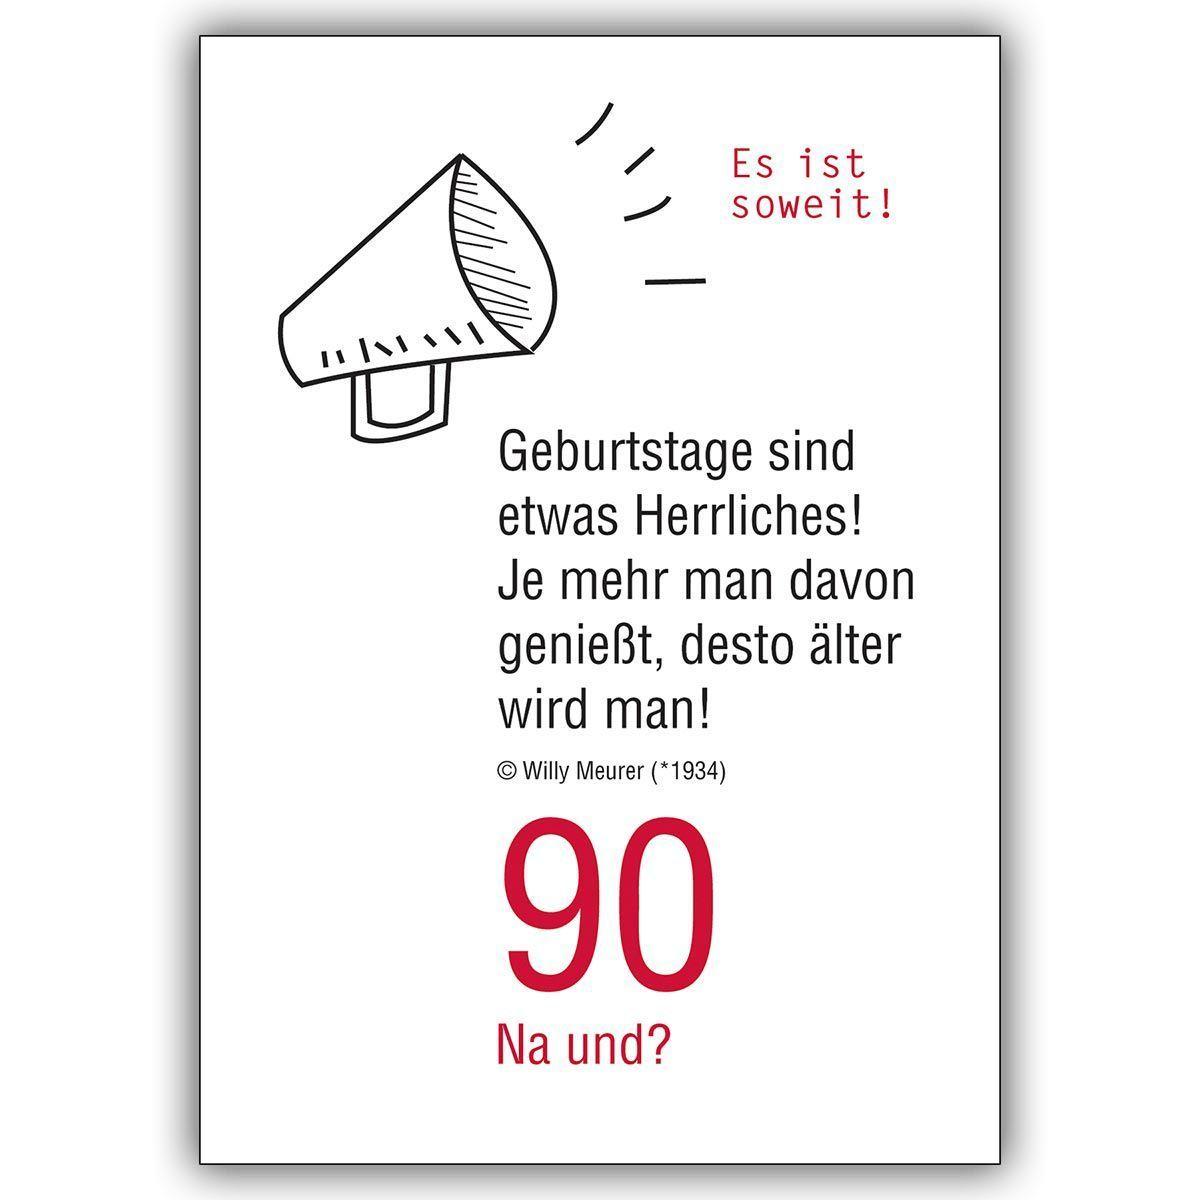 Einladungskarten Geburtstag Einladungskarten 90 Geburtstag Einladung Geburtstag Einladung Vorlage Einladung 60 Geburtstag Einladungskarten 60 Geburtstag